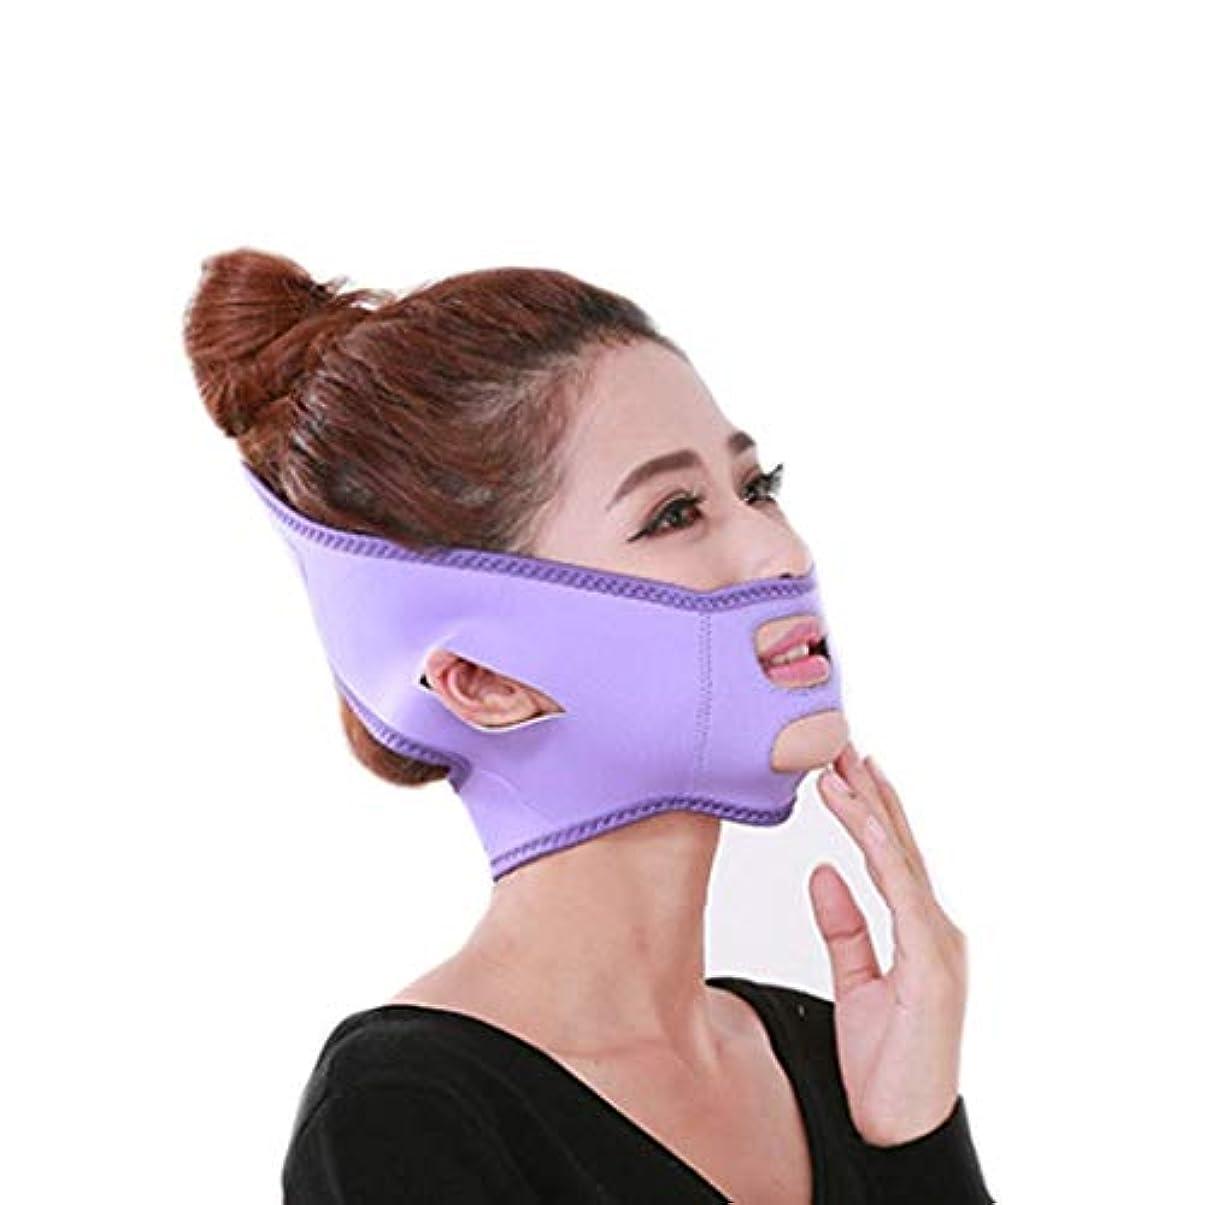 製造アクセシブル病フェイスリフトテープ&バンド、フェイススリミングマスク、ダブルチン、ダブルチンリデューサー、シワ防止マスク、リフティングシェイプ(フリーサイズ)(カラー:ピンク),紫の